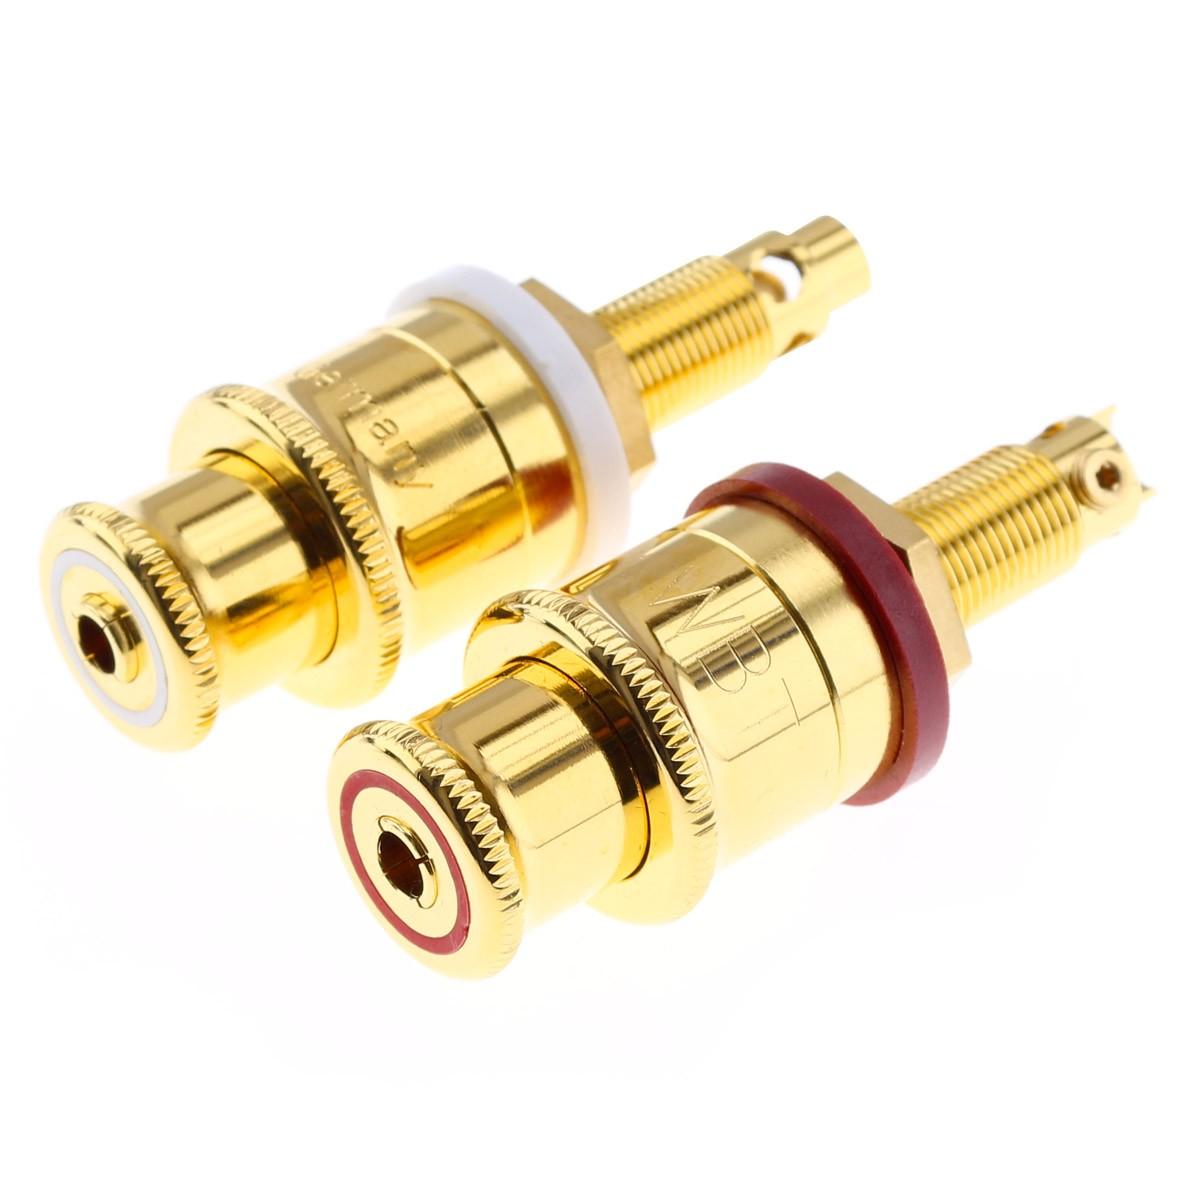 WBT-0702.01 Borniers pour Haut-Parleurs Cuivre Plaqué Or 24k (Set x4)